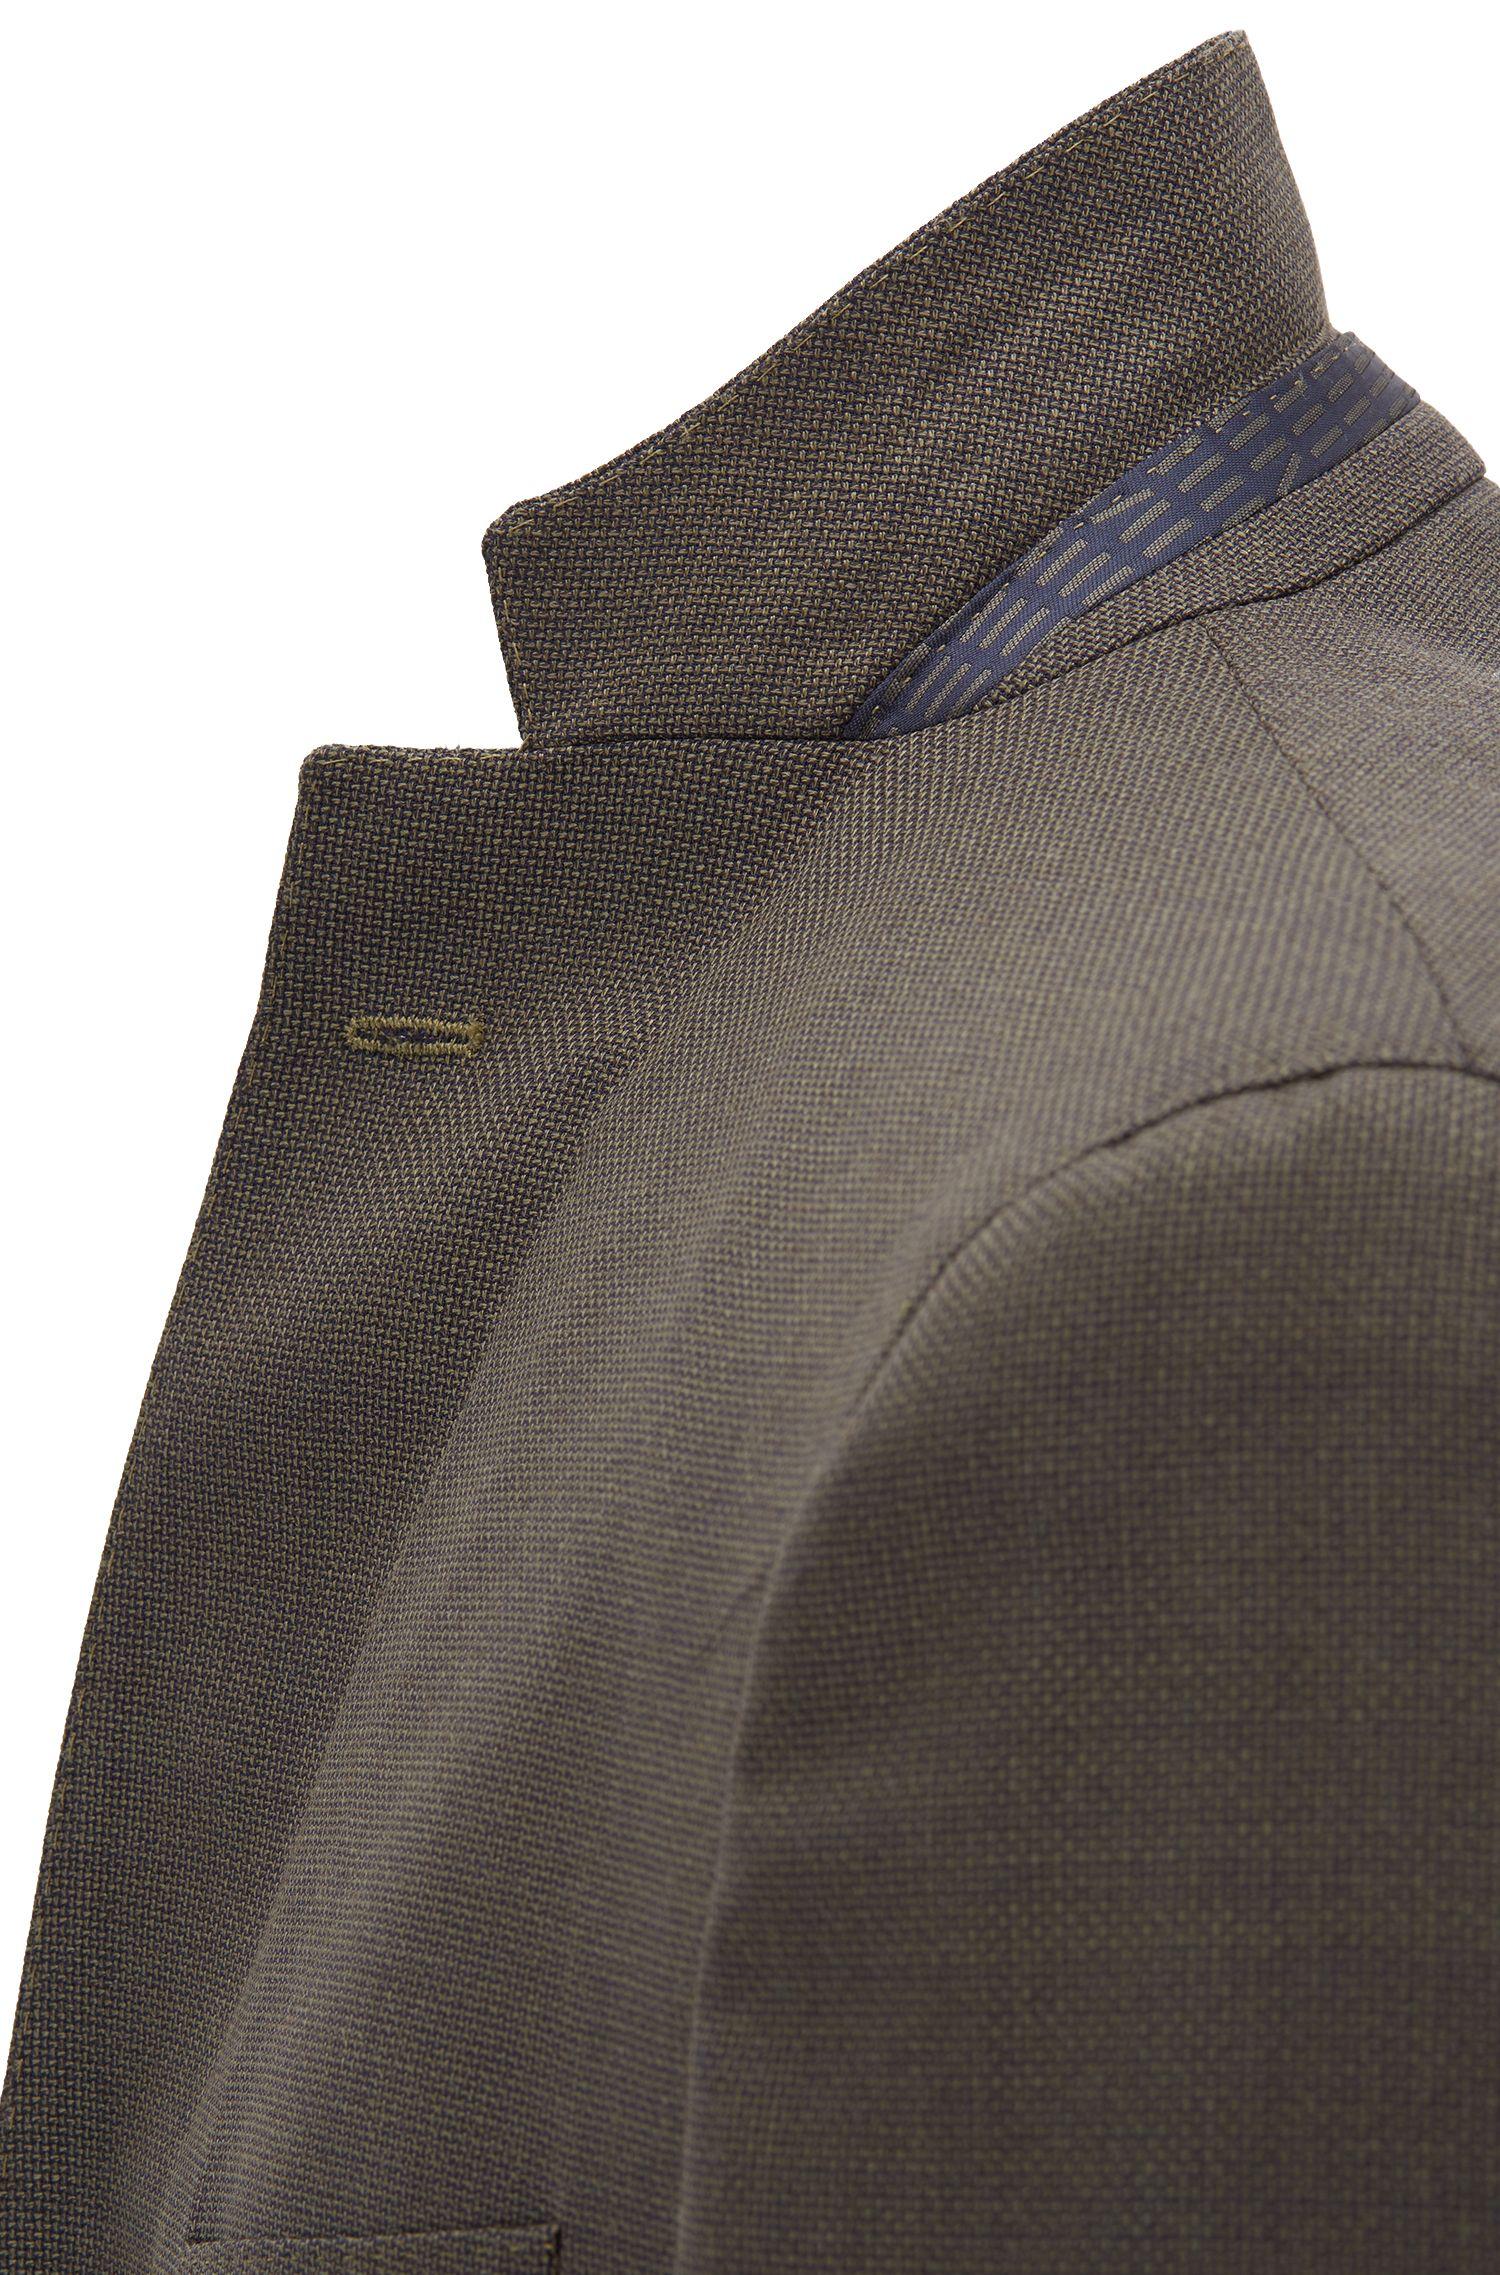 Blazer extra slim fit in lana vergine con microdisegni, Marrone